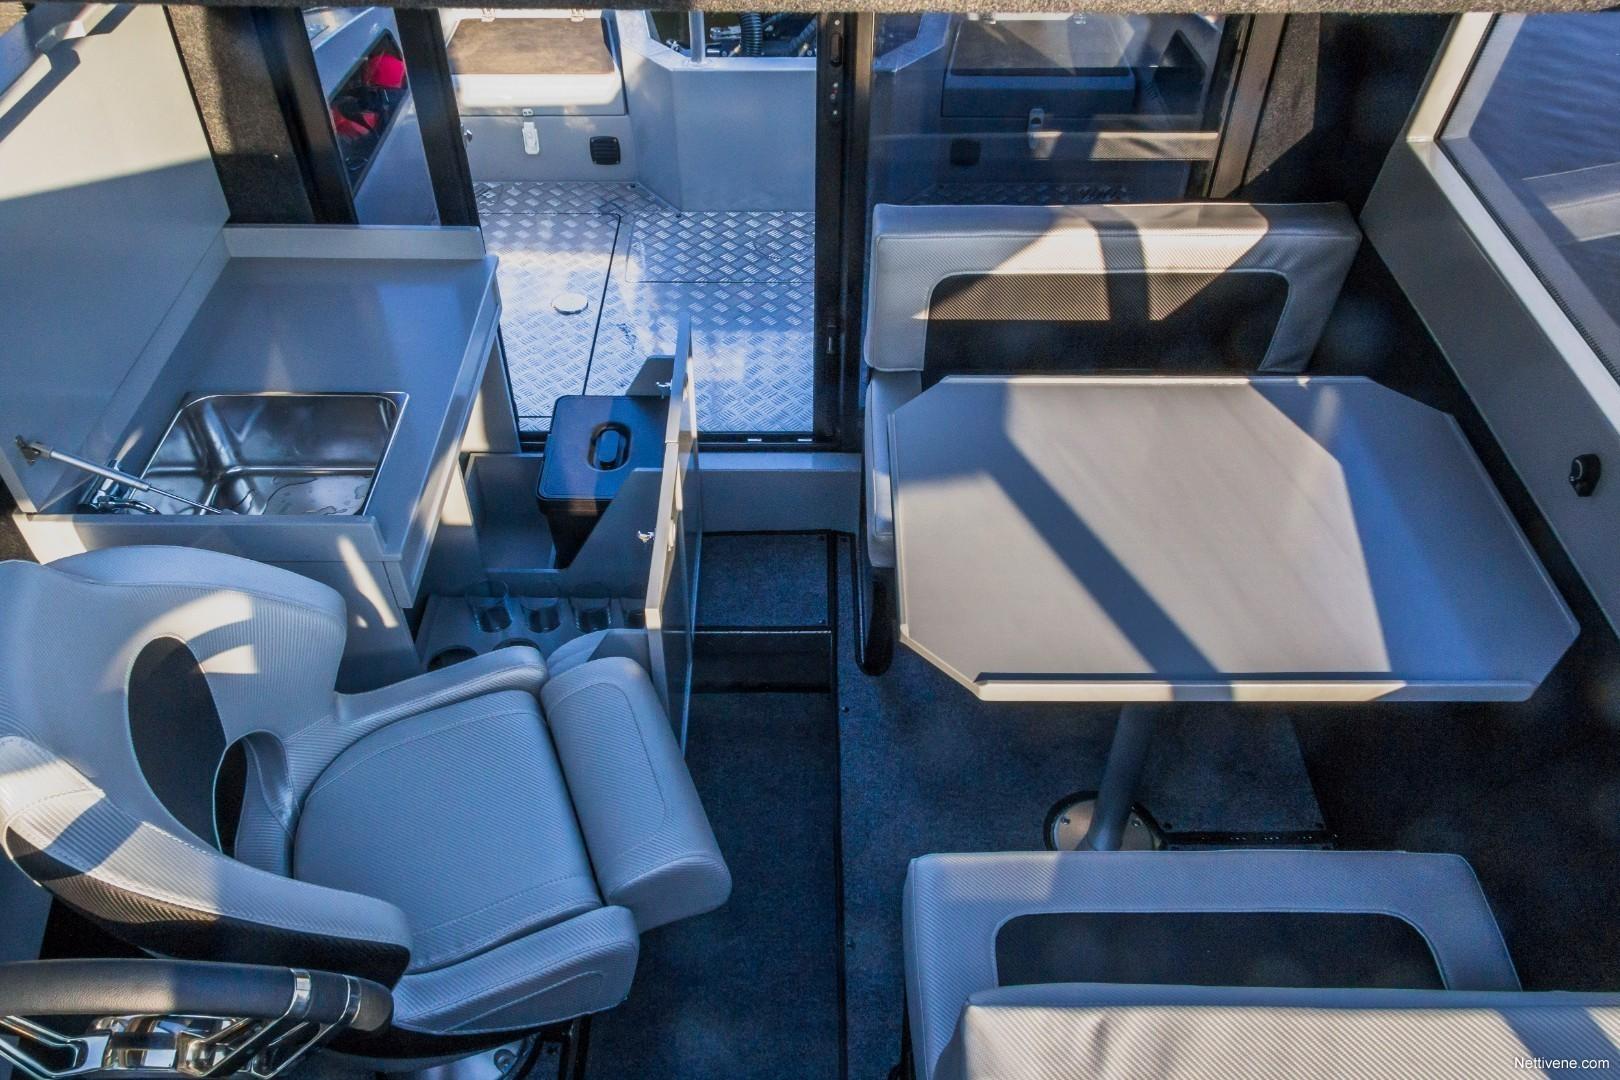 700 Cabin + F200